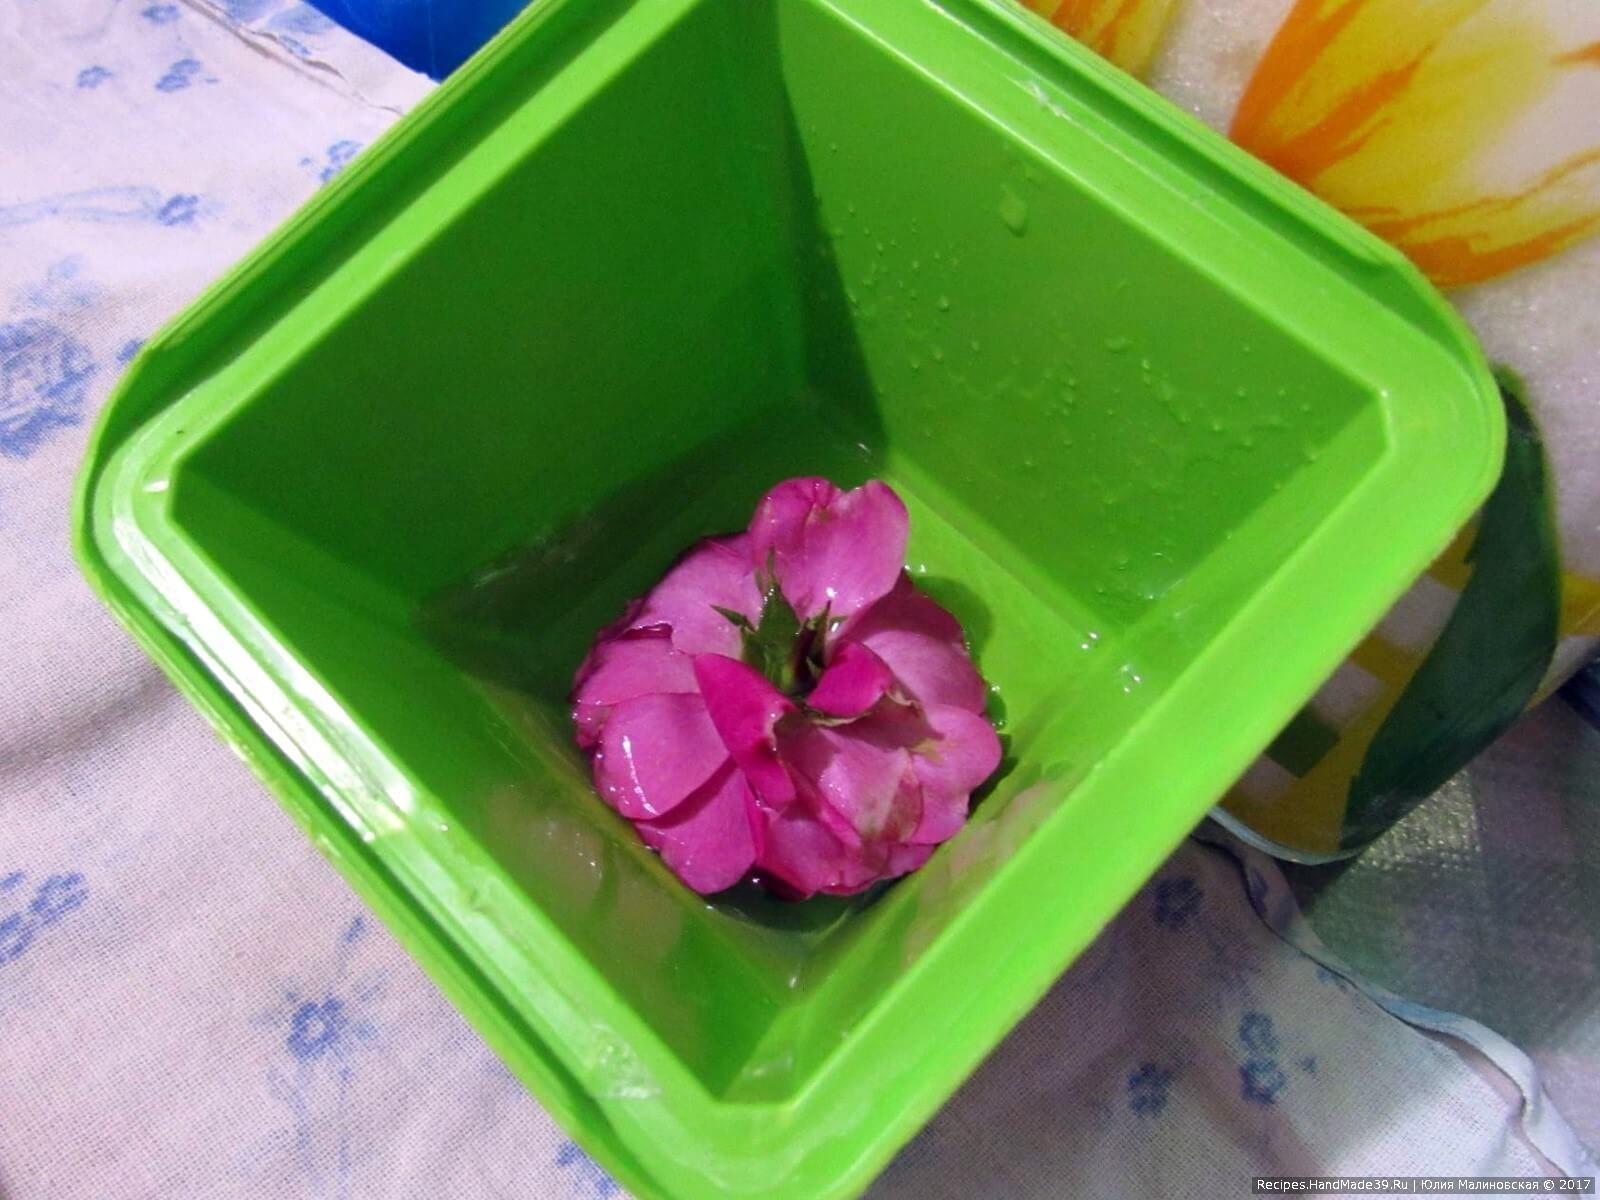 Приготовление желе с цветком: в форму налить 2 ст. л. желе. Форму поставить так, чтобы желе стекло в угол. Окунуть в него цветок, оставить для схватывания желе